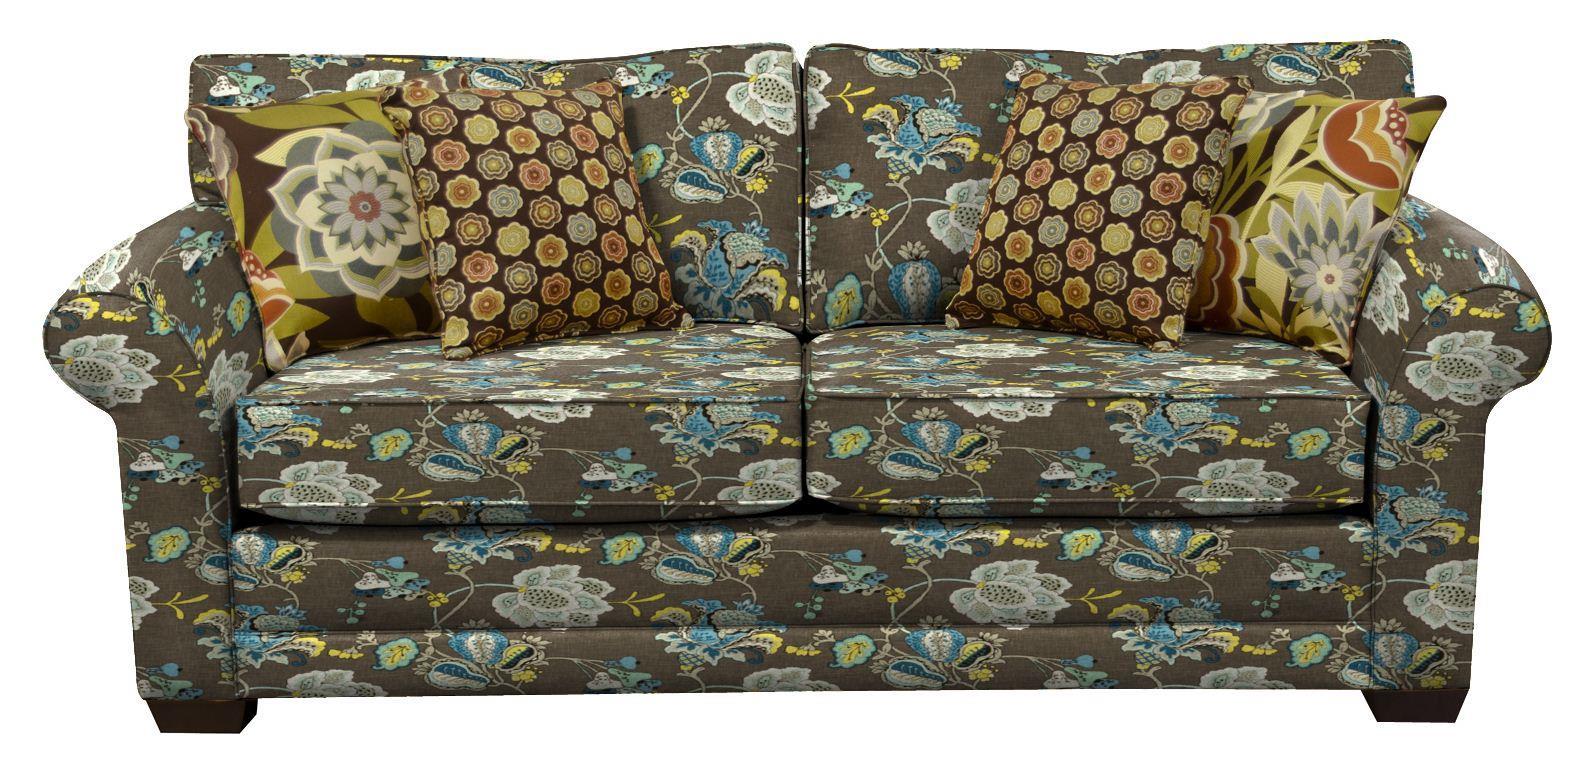 England Brantley Upholstered Sofa - Item Number: 5635-7242